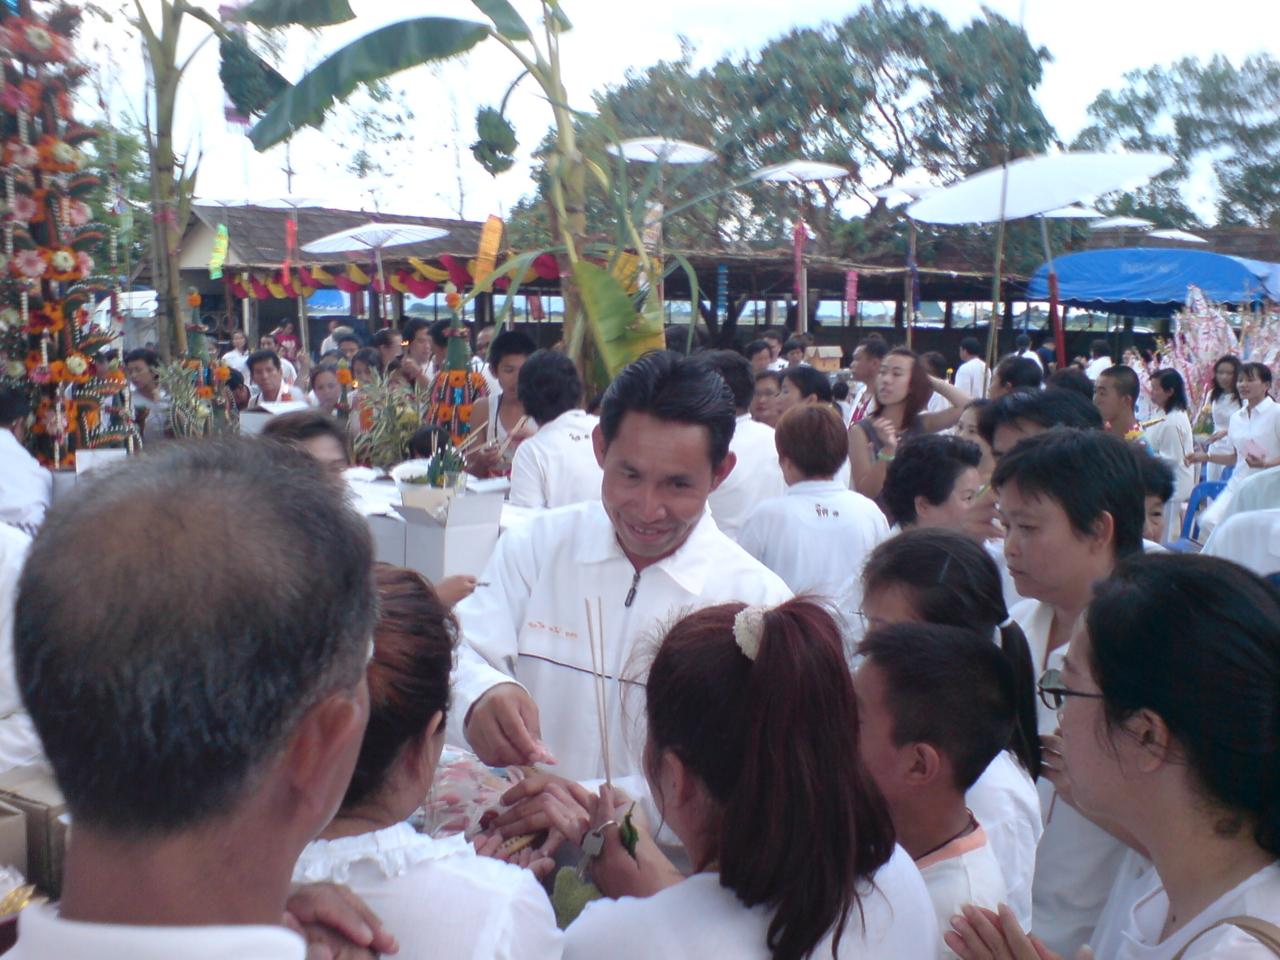 อาจารย์ทิพากรผู้นำการถวายพระหลวงพ่อทันใจ สร้างมาเเล้ว50องค์ในประเทศไทย